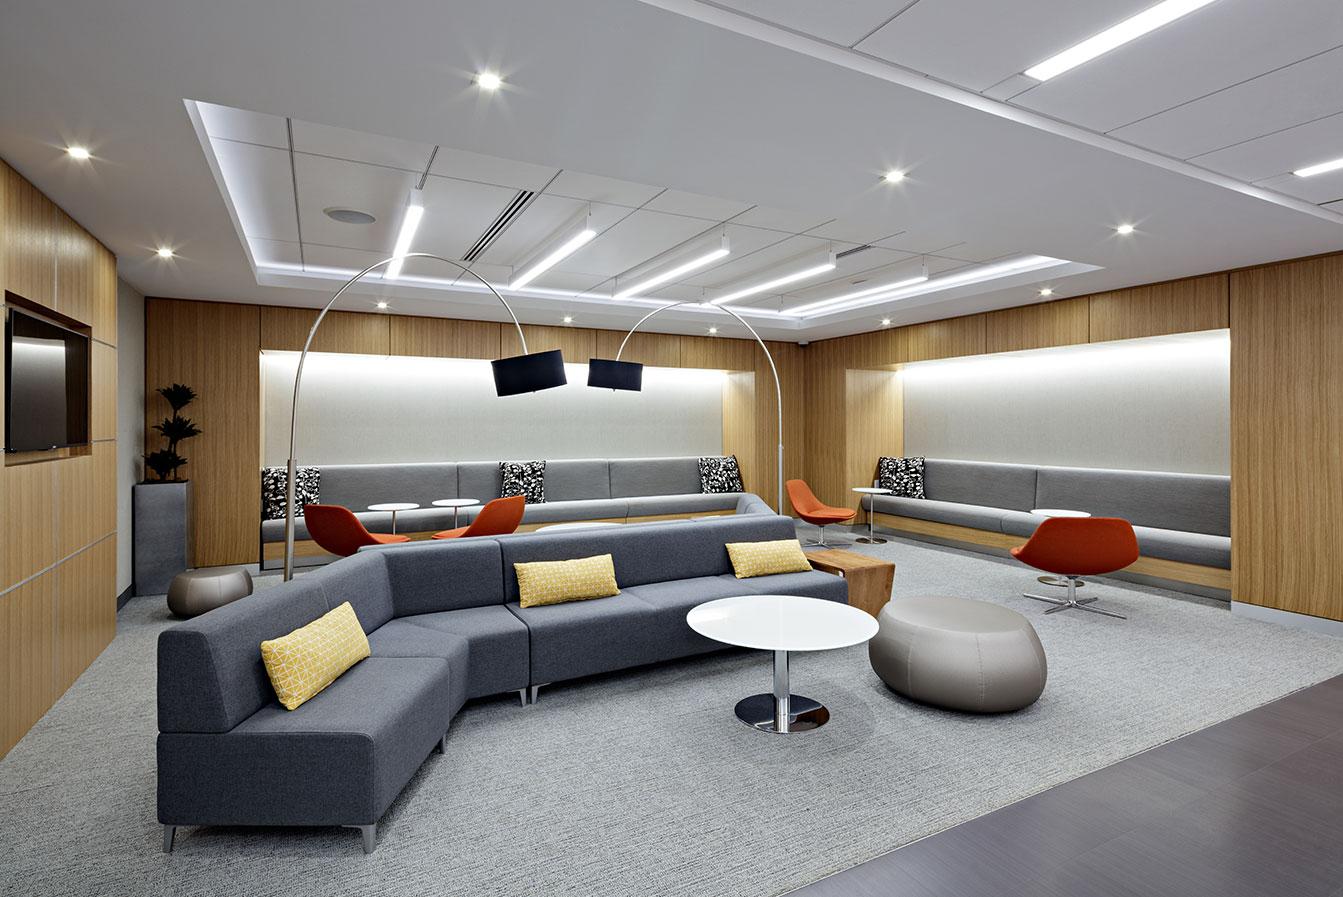 150 JFK PARKWAY lounge